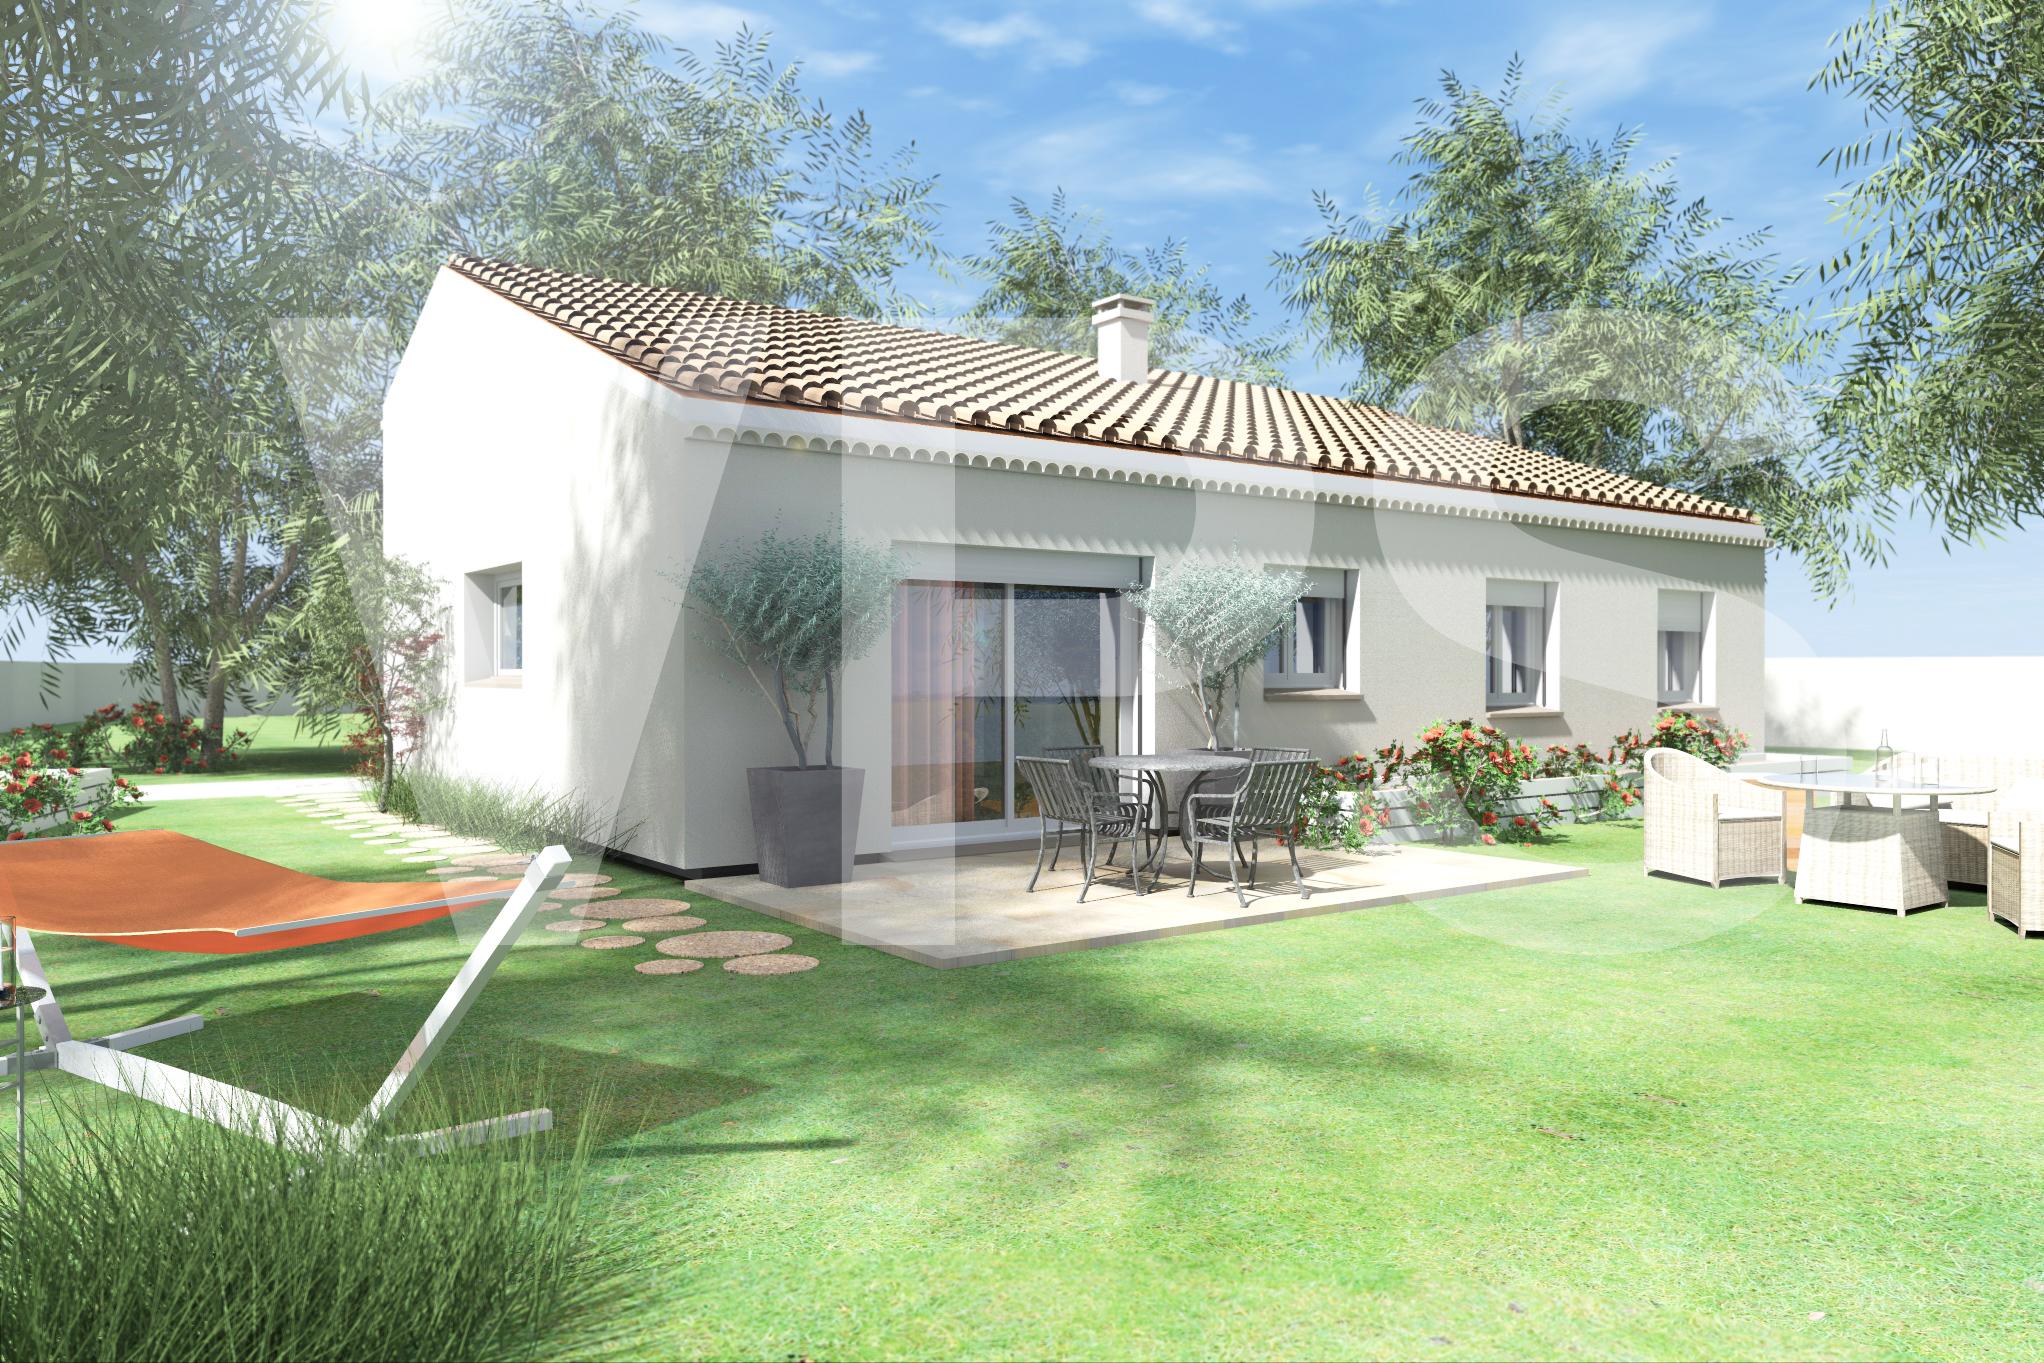 Maisons + Terrains du constructeur VILLAS PLEIN SUD -PRO RENOV26/07-D • 71 m² • JAILLANS